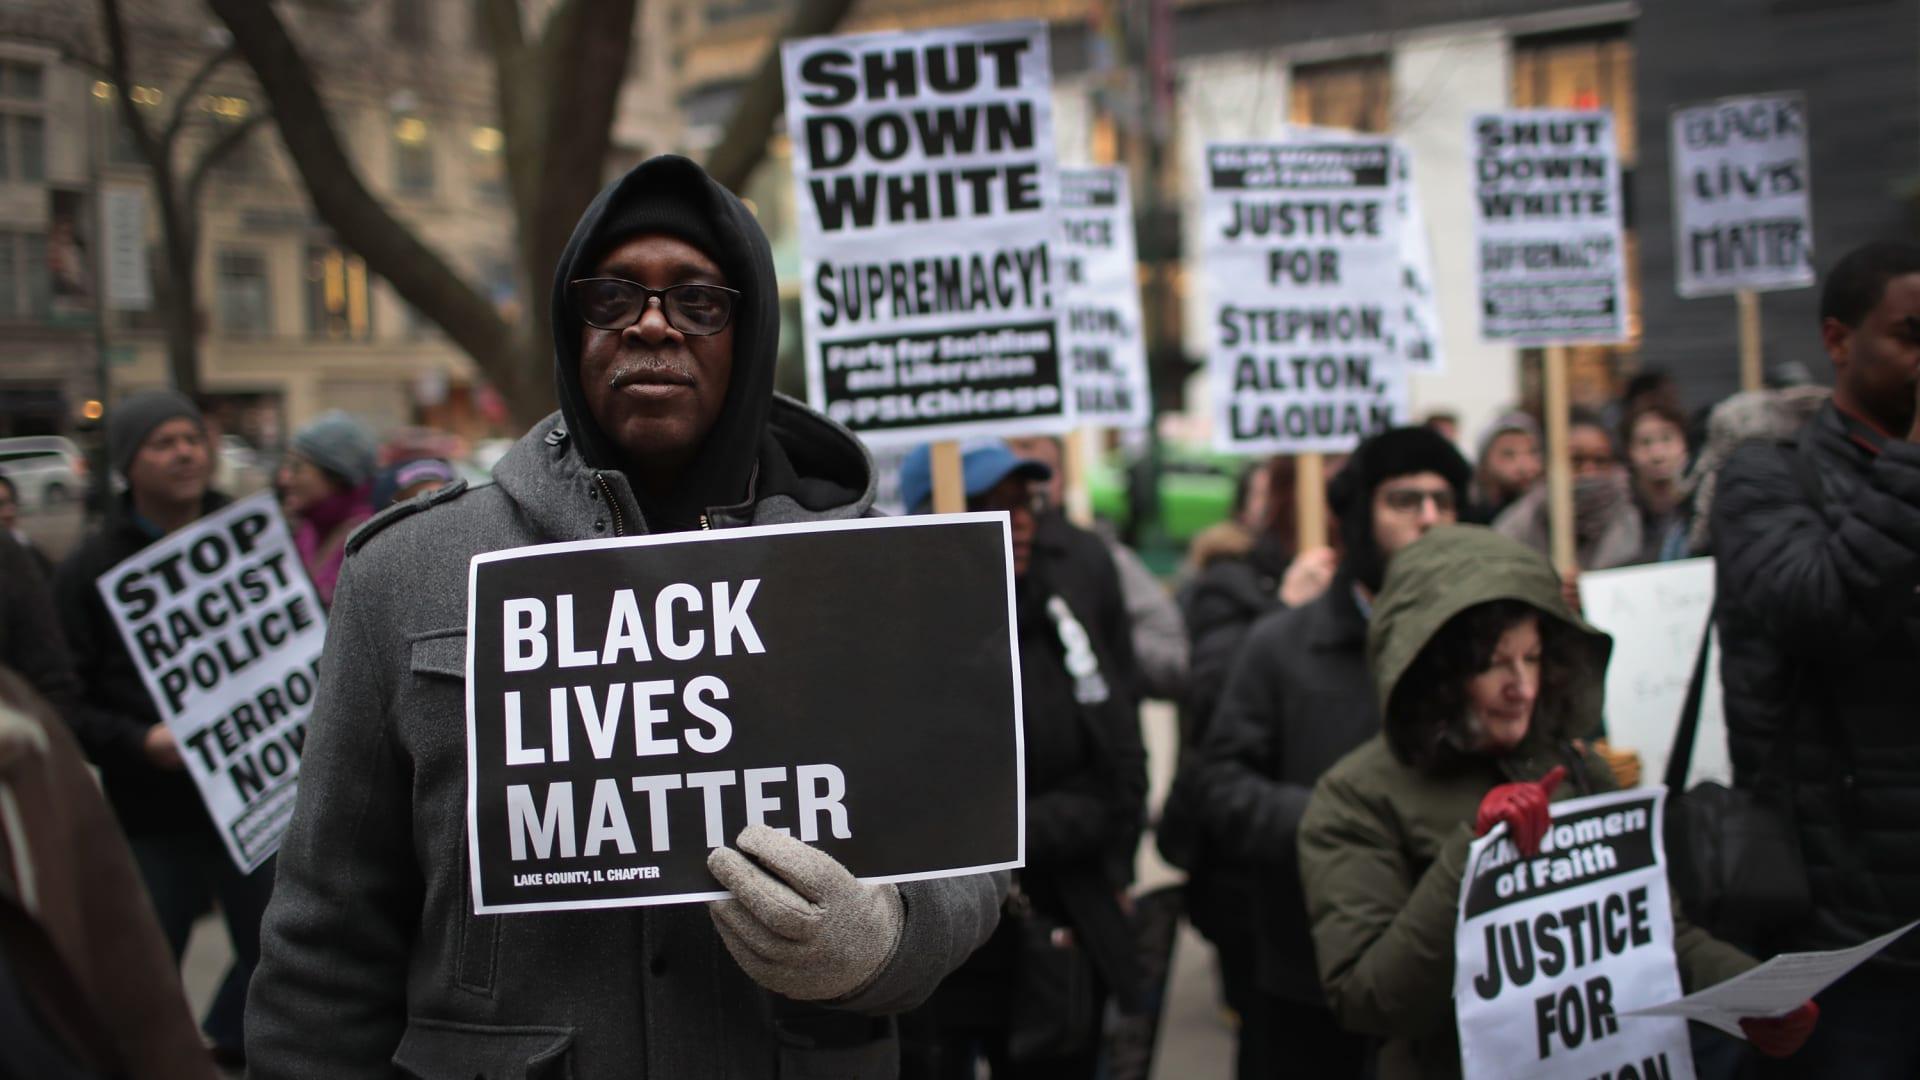 """سفارة أمريكية ترفع شعار """"حياة السود مهمة"""": نتضامن مع المحتجين ضد وحشية الشرطة"""